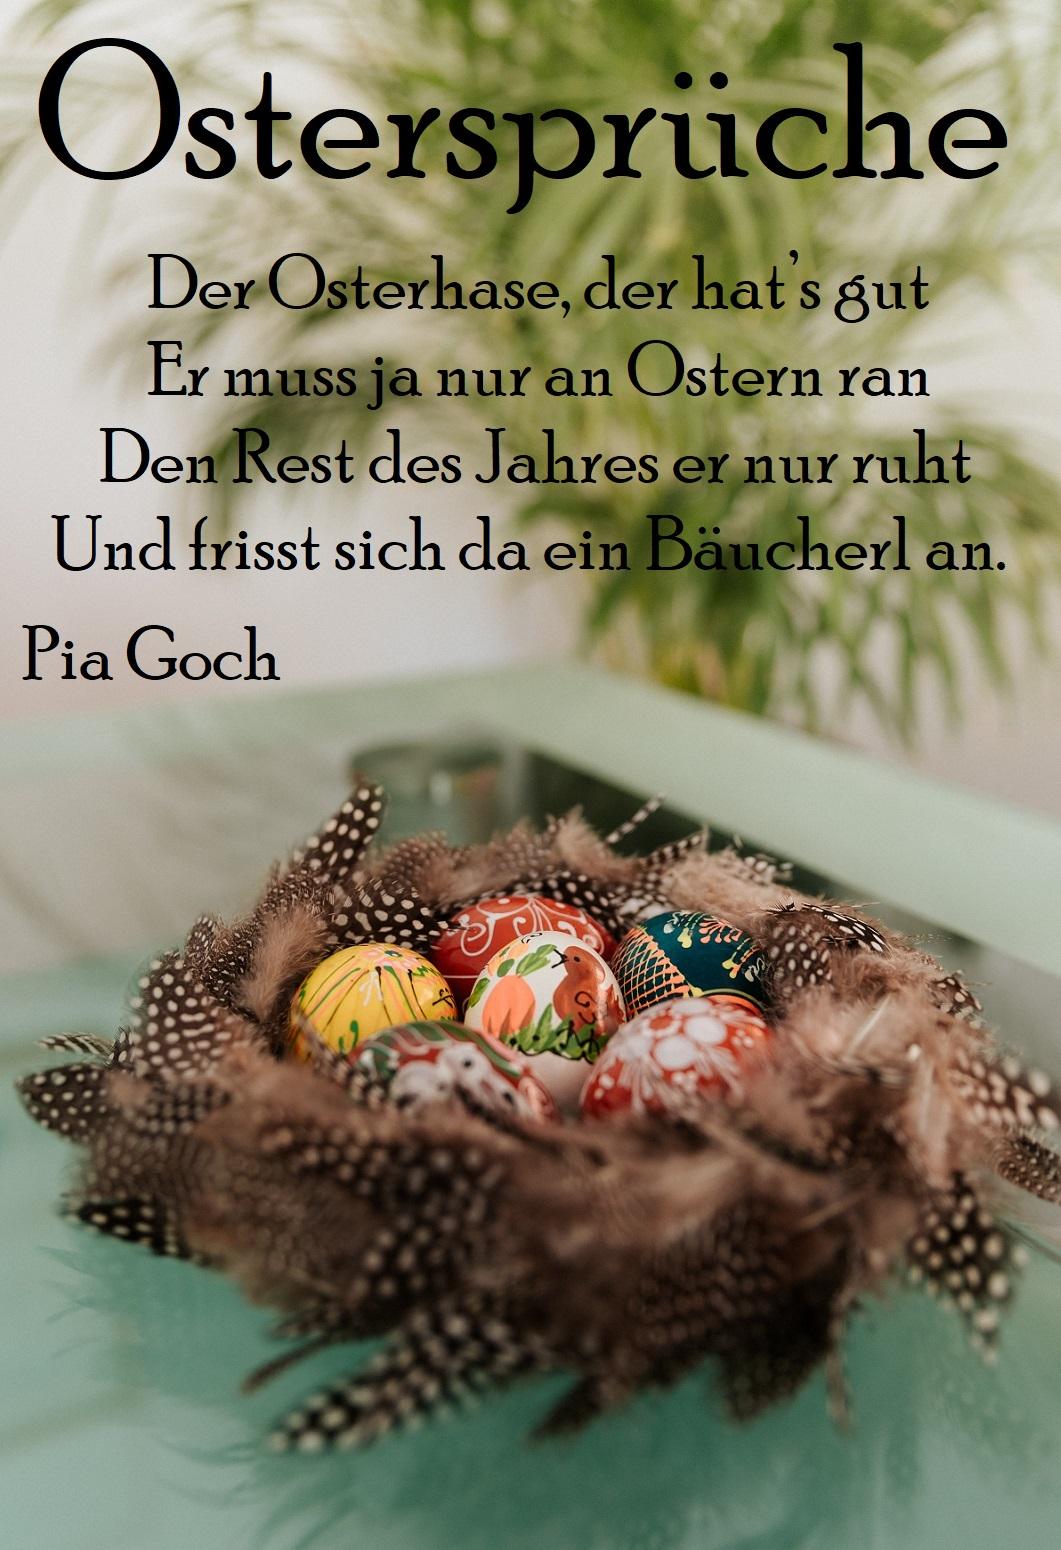 Ostersprüche verwenden